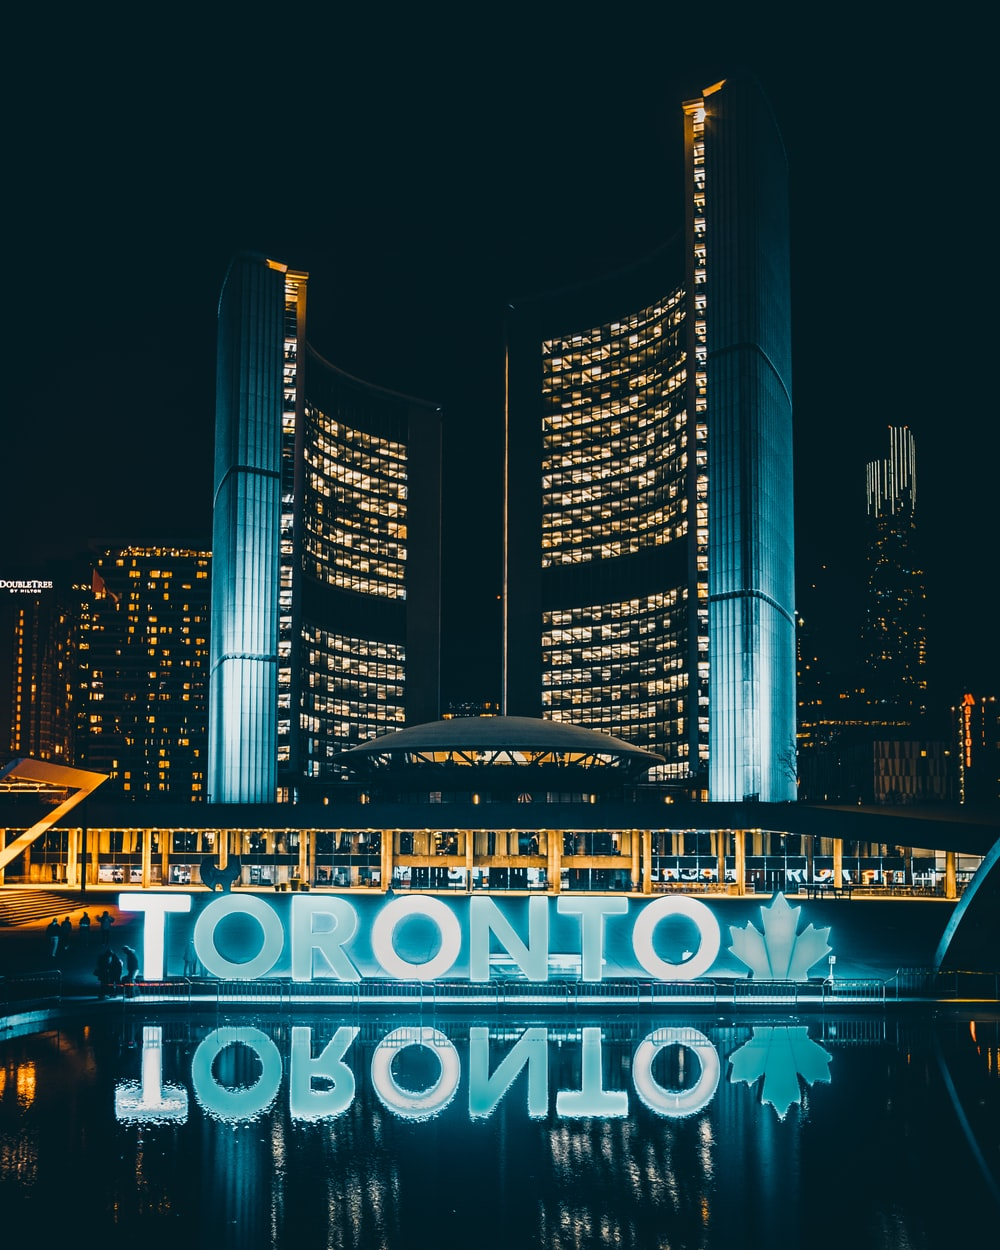 Toronto at nighttime